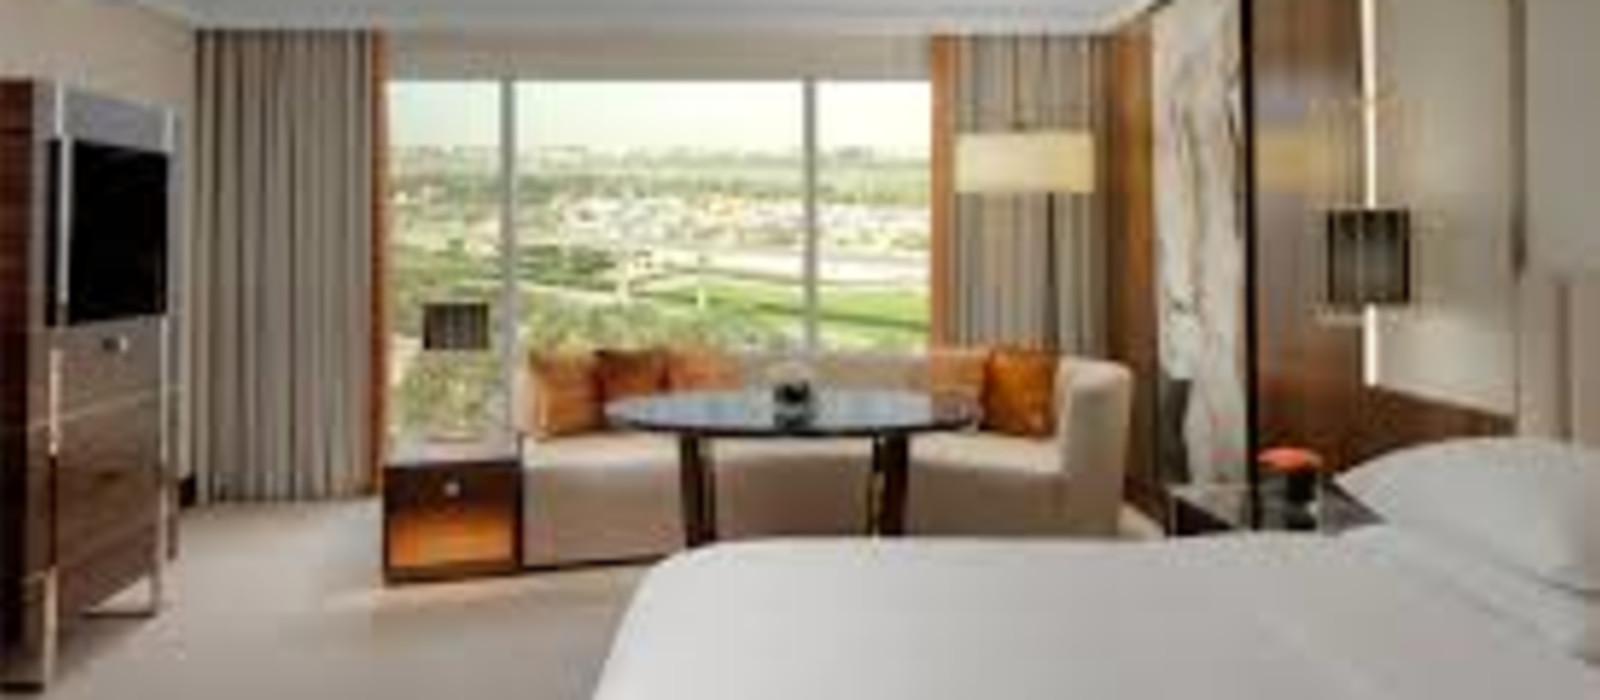 Hotel Grand Hyatt Dubai Vereinigte Arabische Emirate